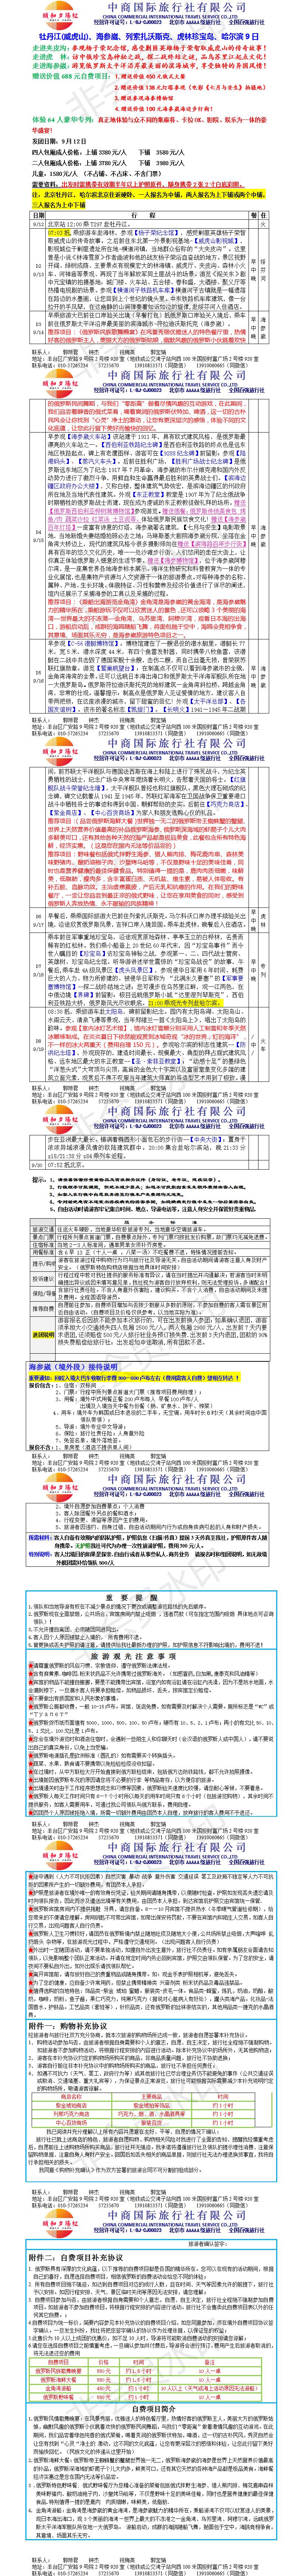 北京虎林海参崴9月12日3380元3580元